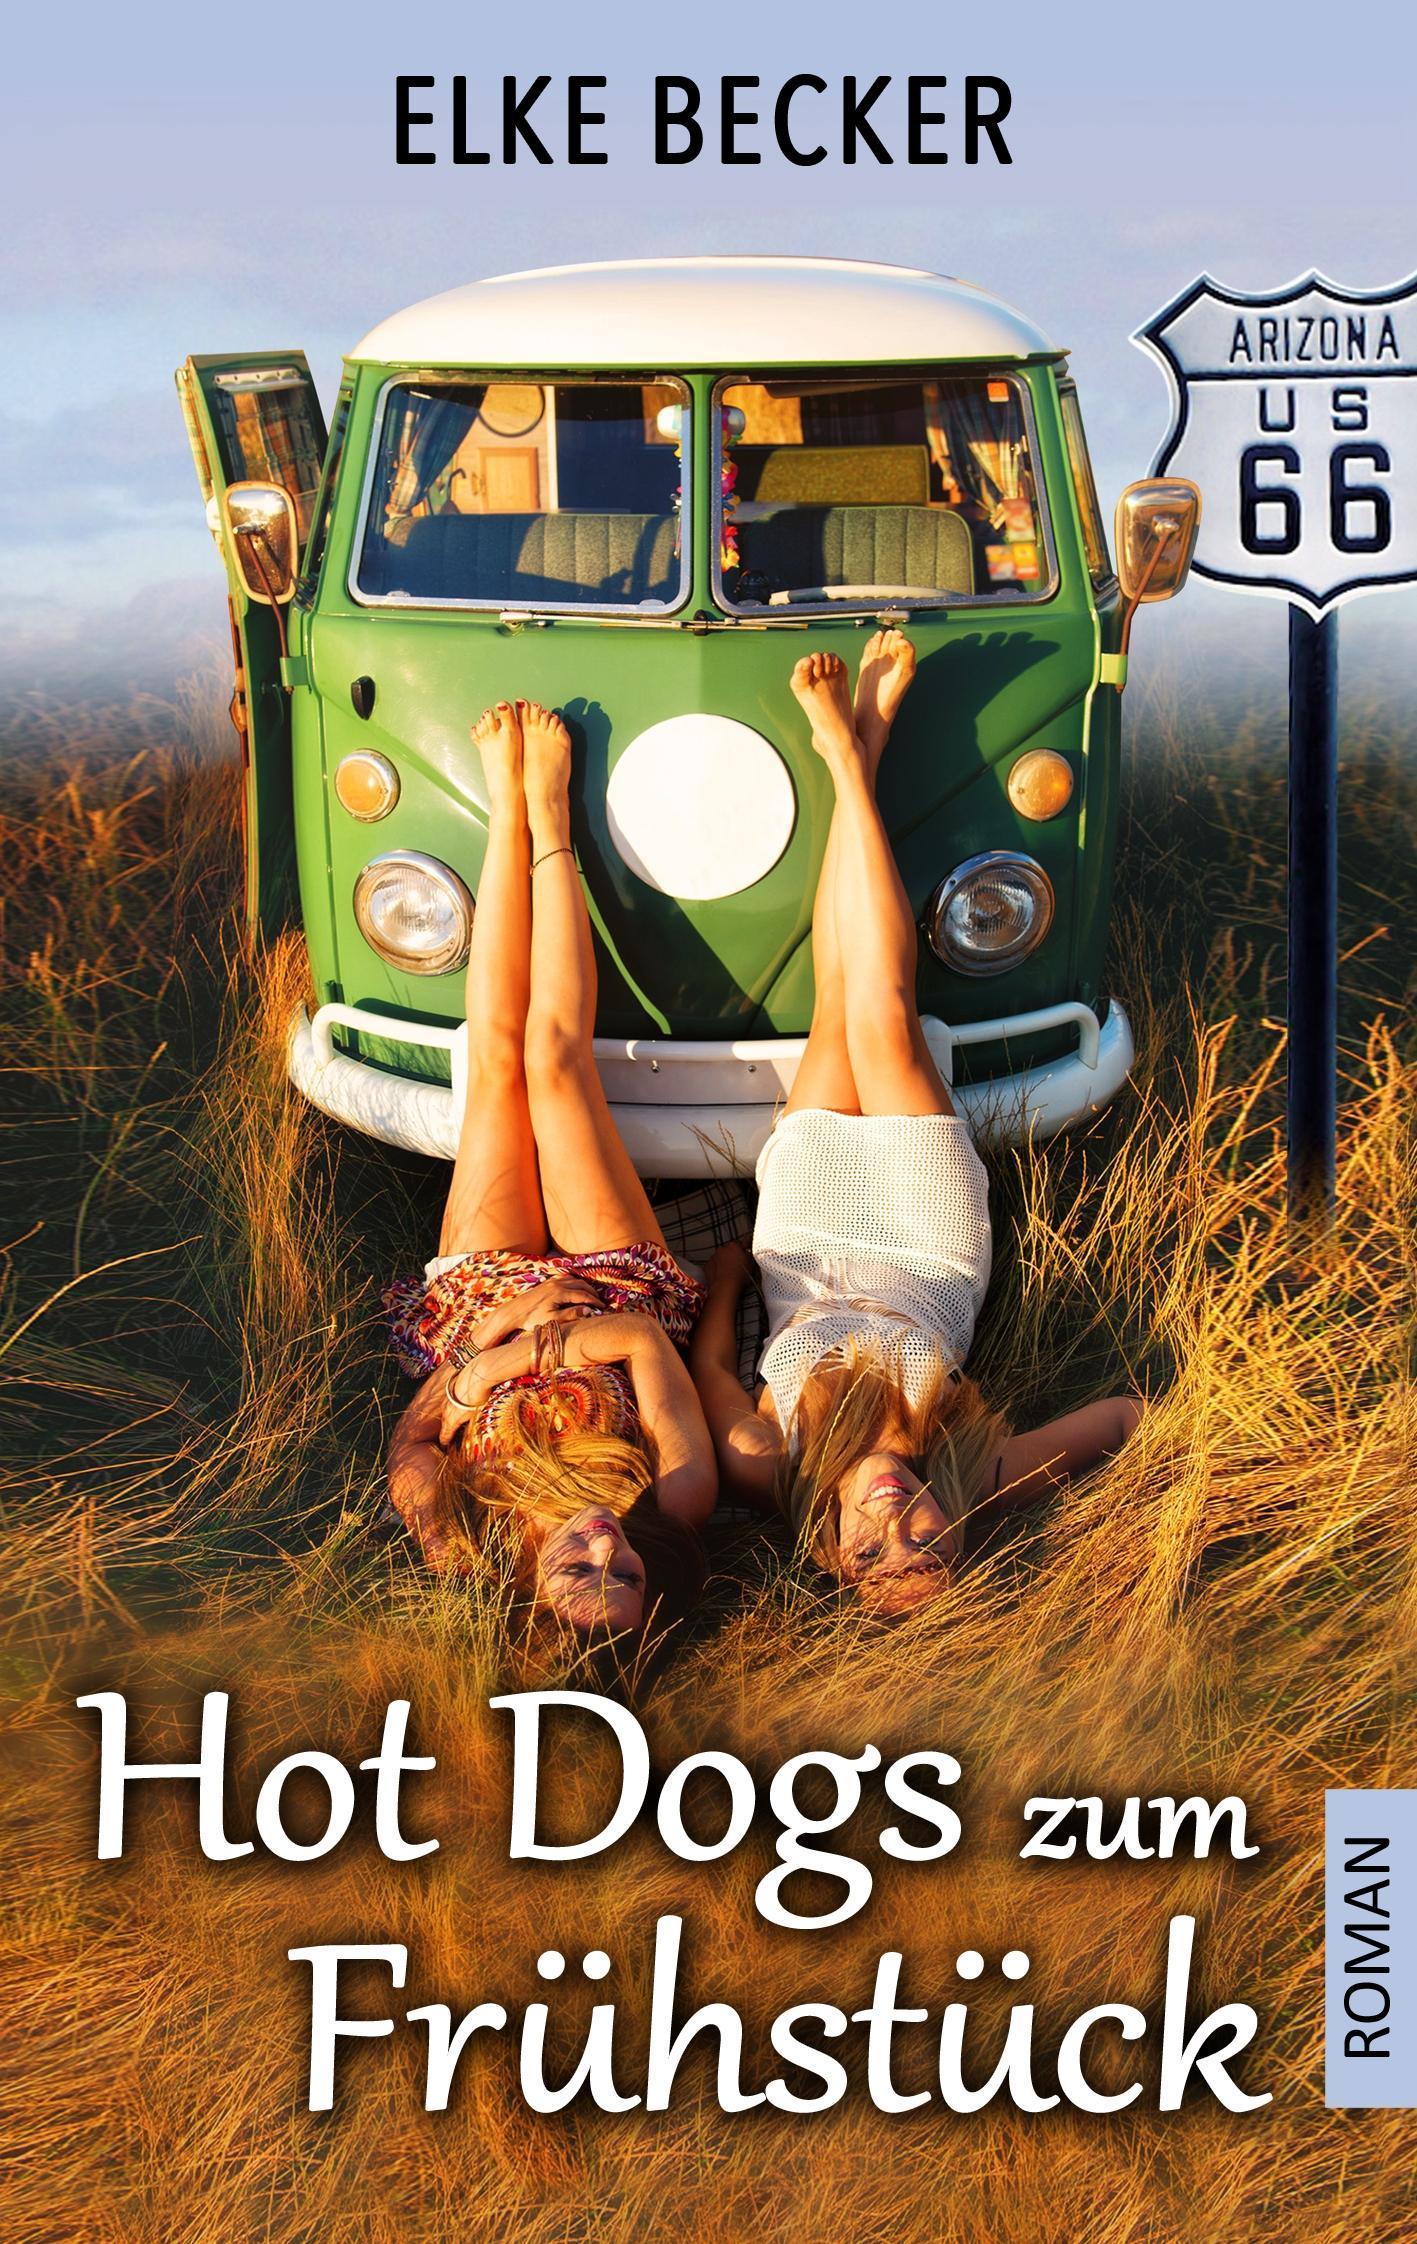 Hot Dogs zum Frühstück